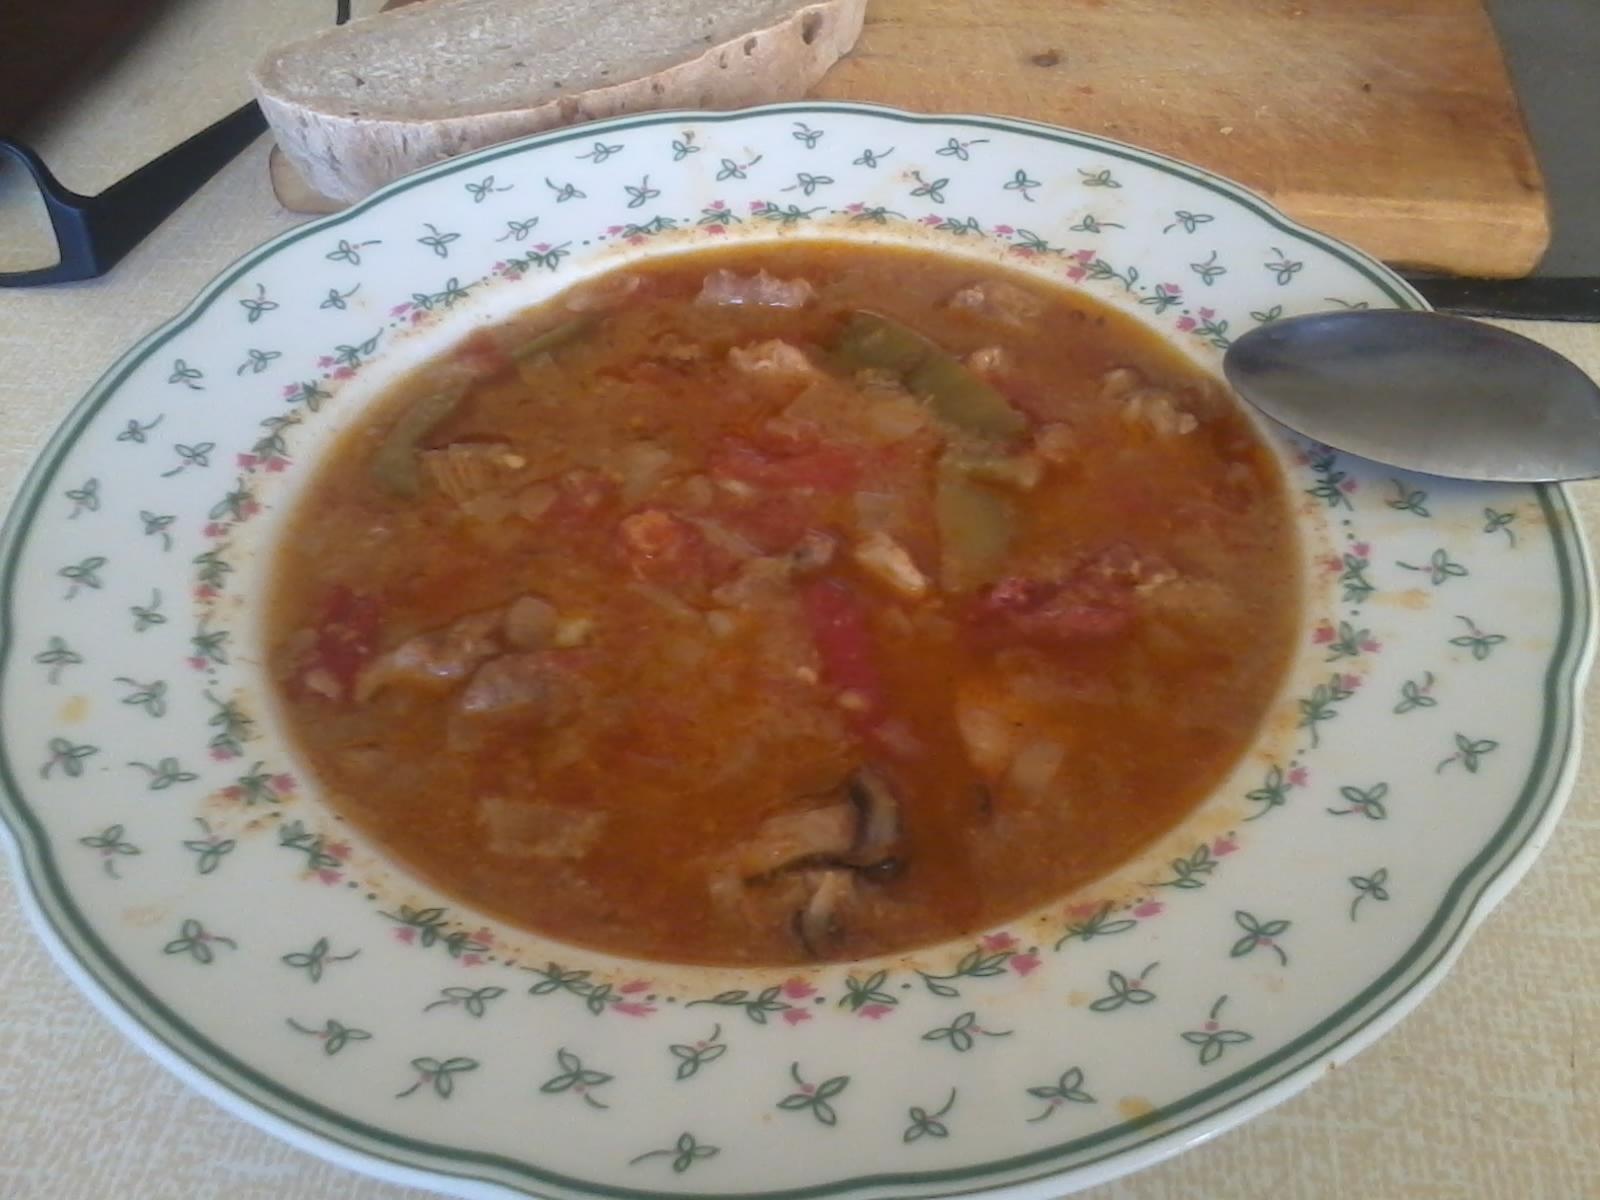 Recept Maďarský guláš 1 - Maďarský, velice pikantní guláš-bez masoxu, mouky a kmínu...